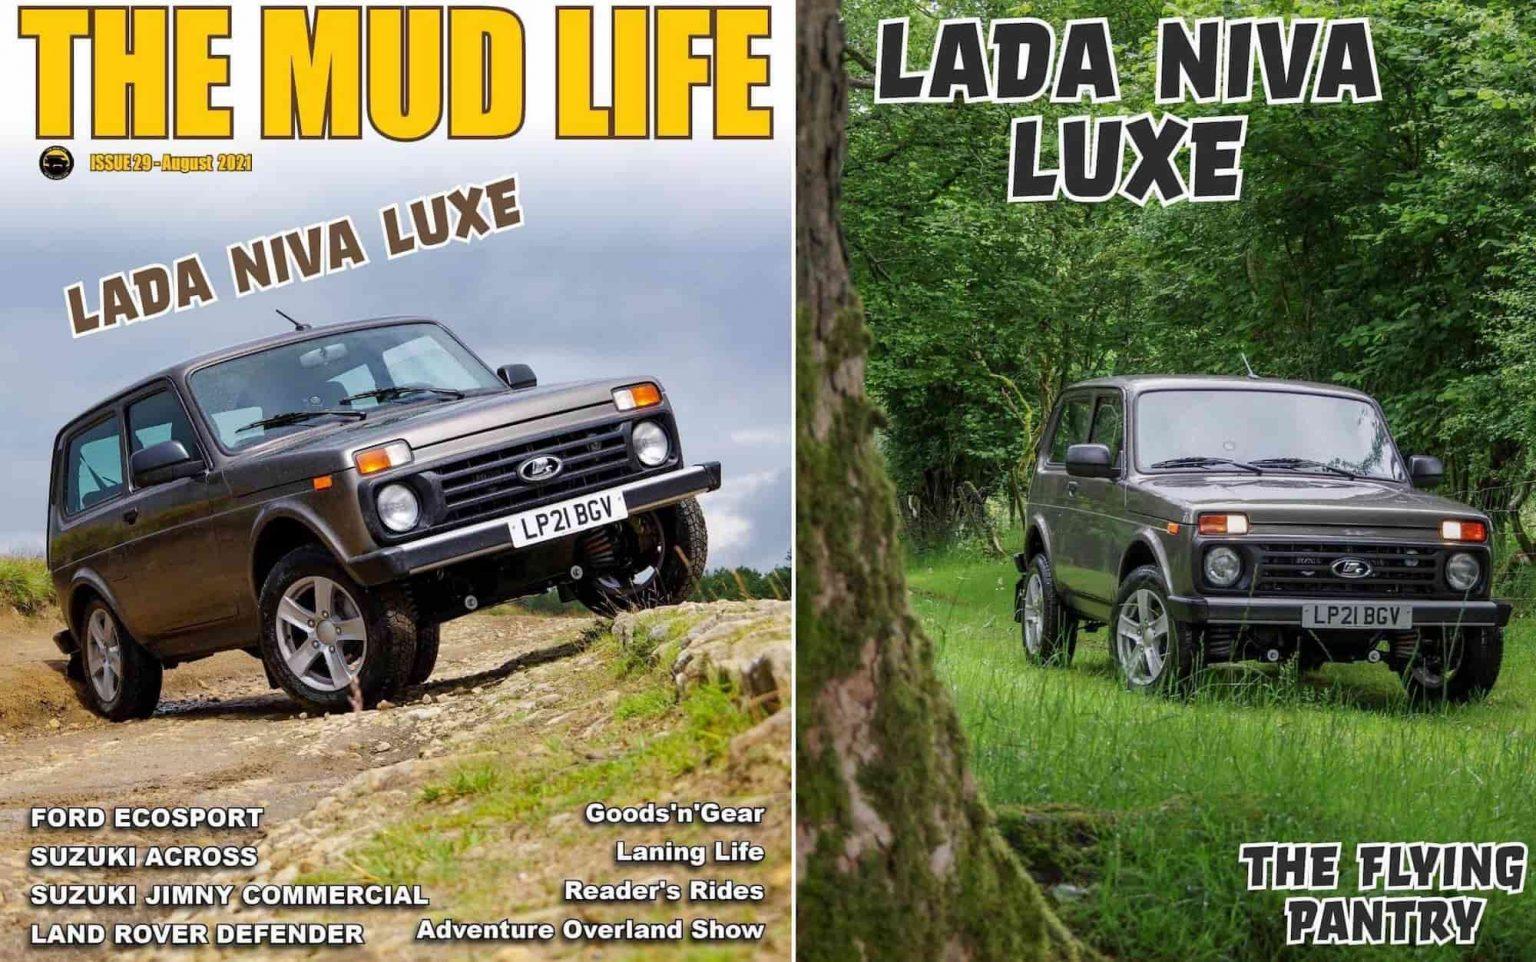 Lada Niva Legend стал в августе главным героем британского автомобильного журнала